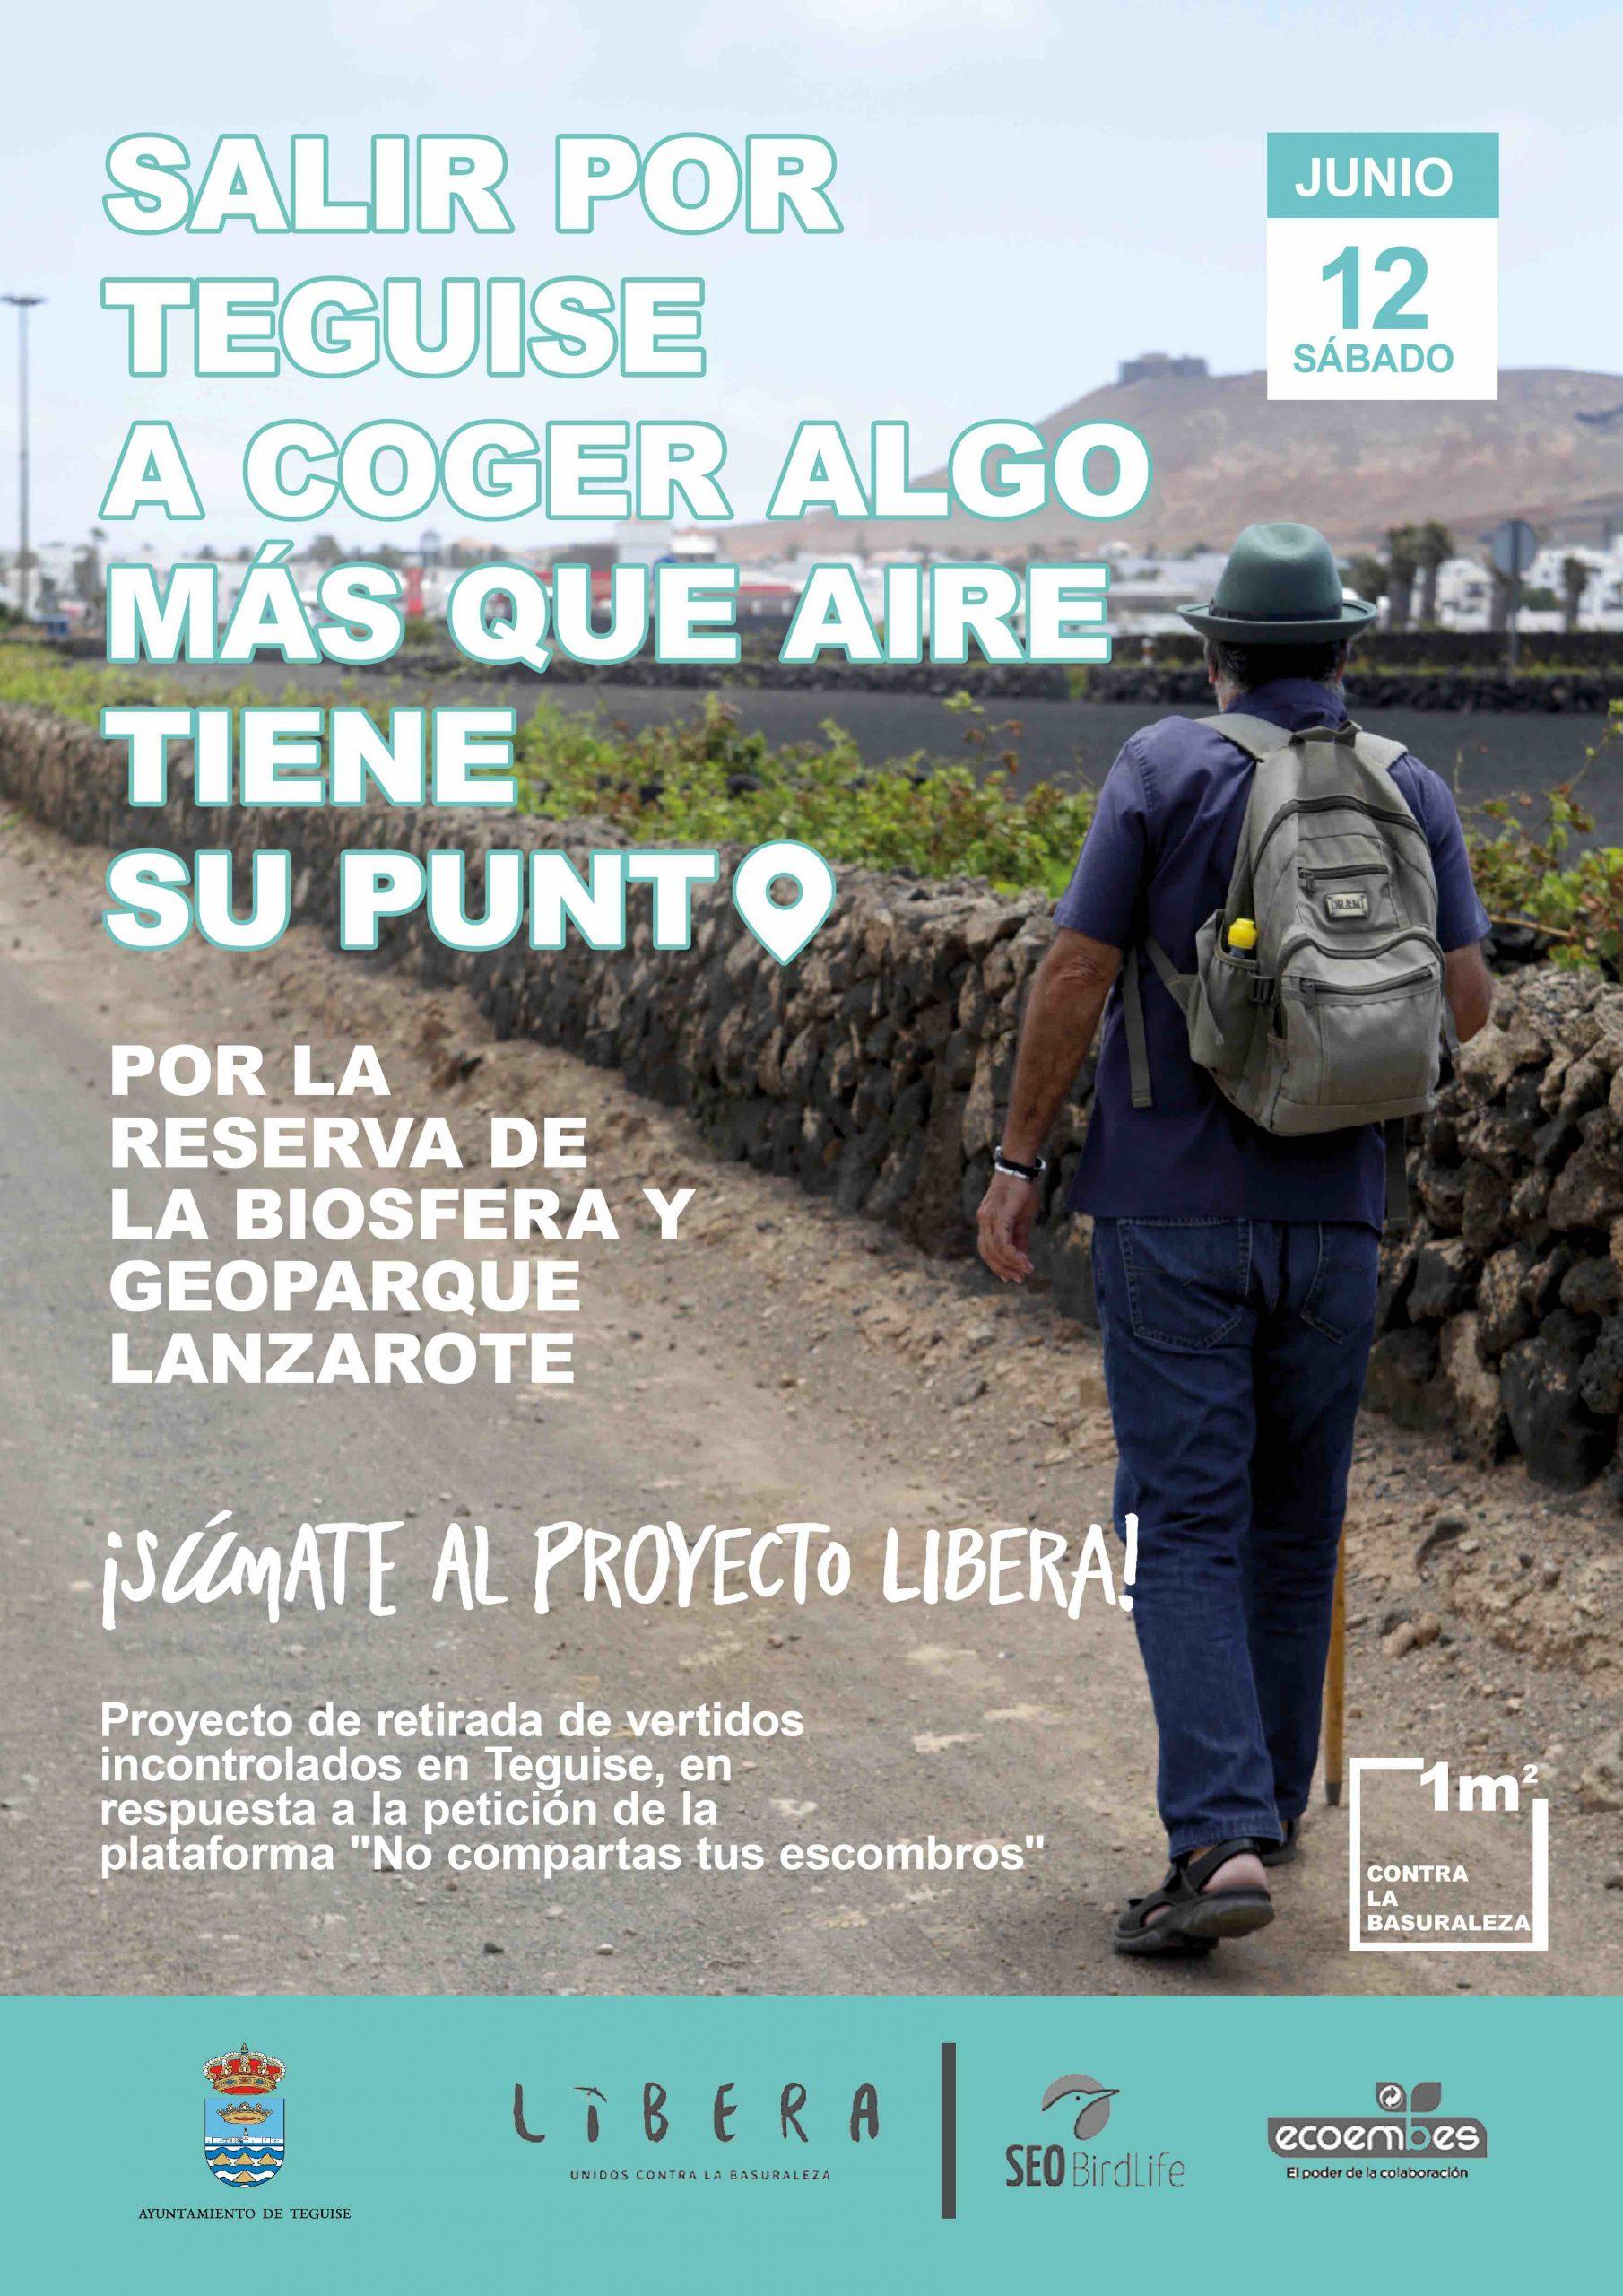 Teguise inicia una campaña de retirada de vertidos incontrolados en connivencia con las asociaciones medioambientales de Lanzarote